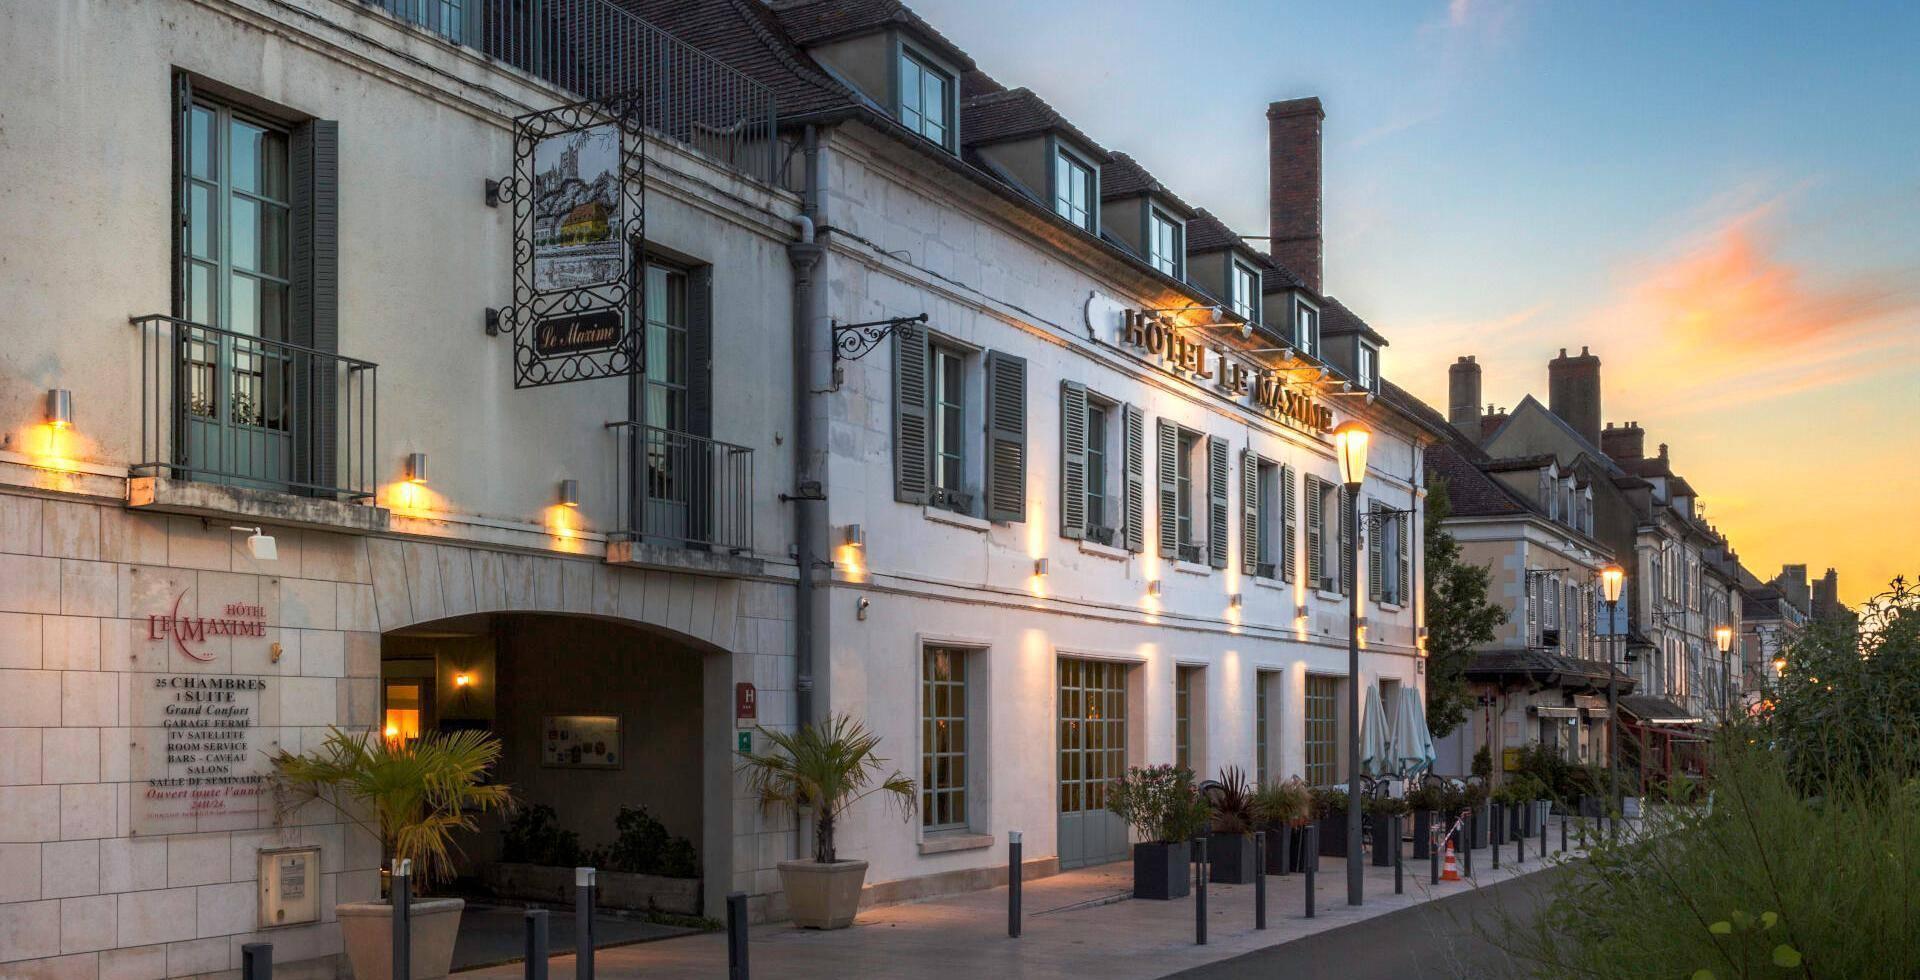 Façade de l'Hôtel Le Maxime à Auxerre